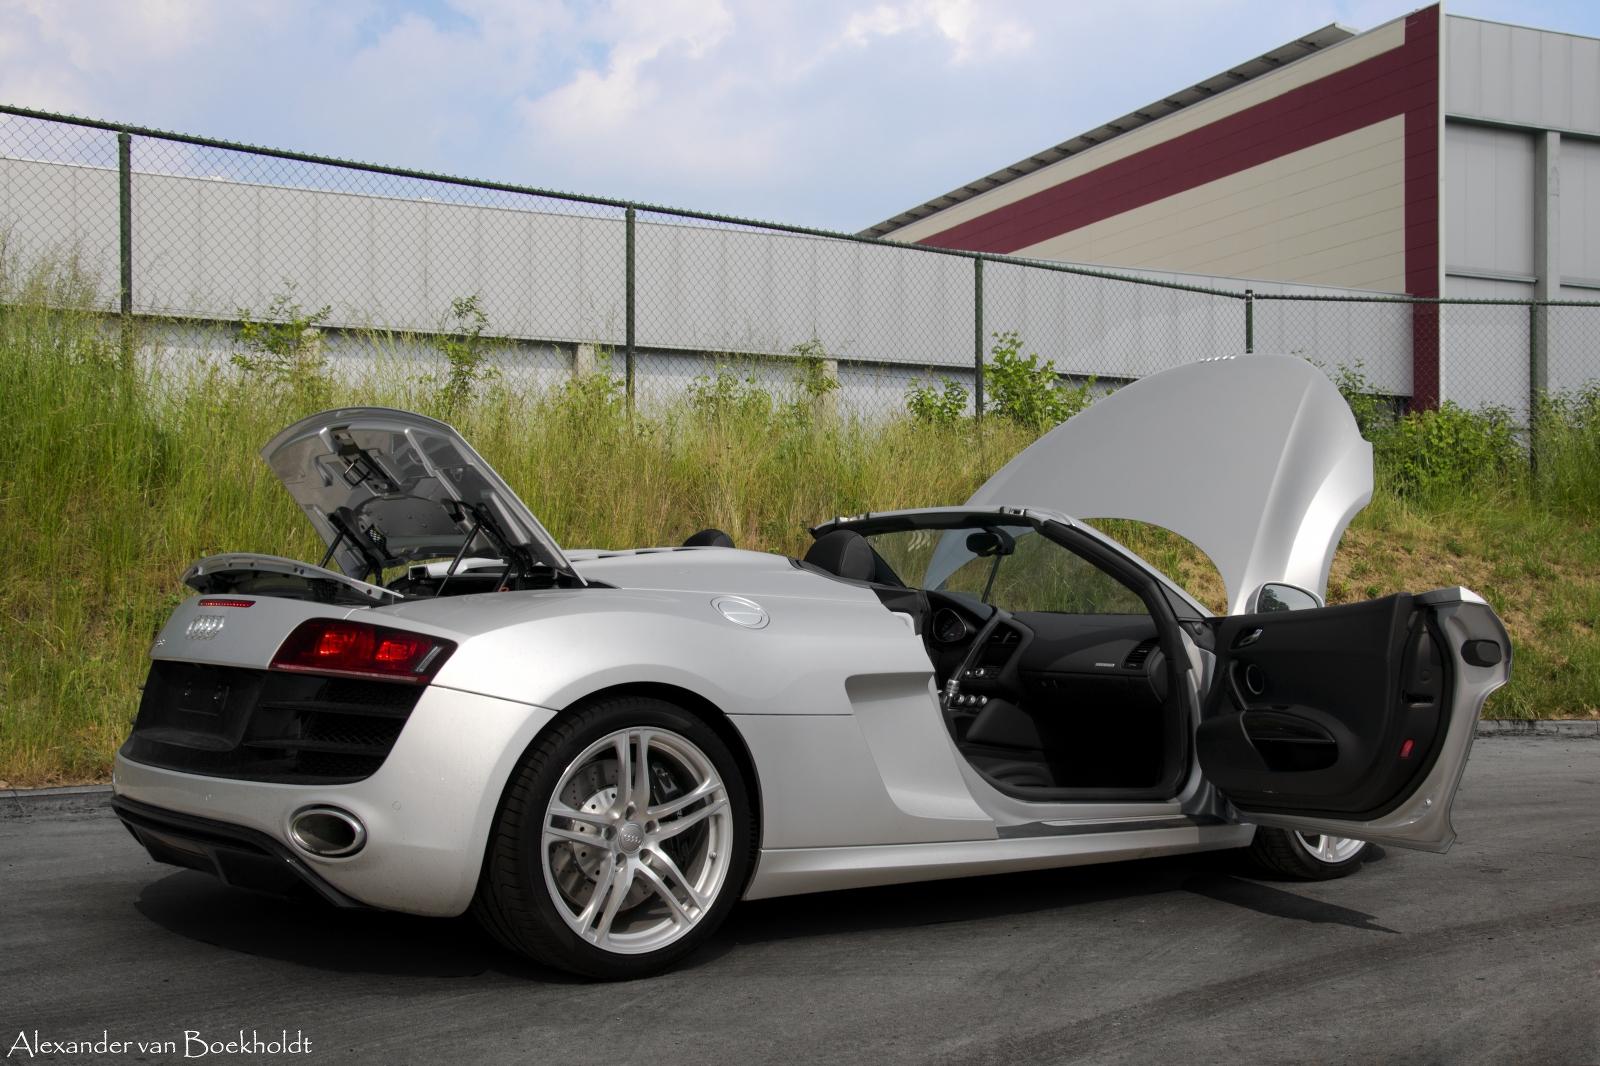 Audi audi r8 spyder v10 : Audi R8 V10 Spyder